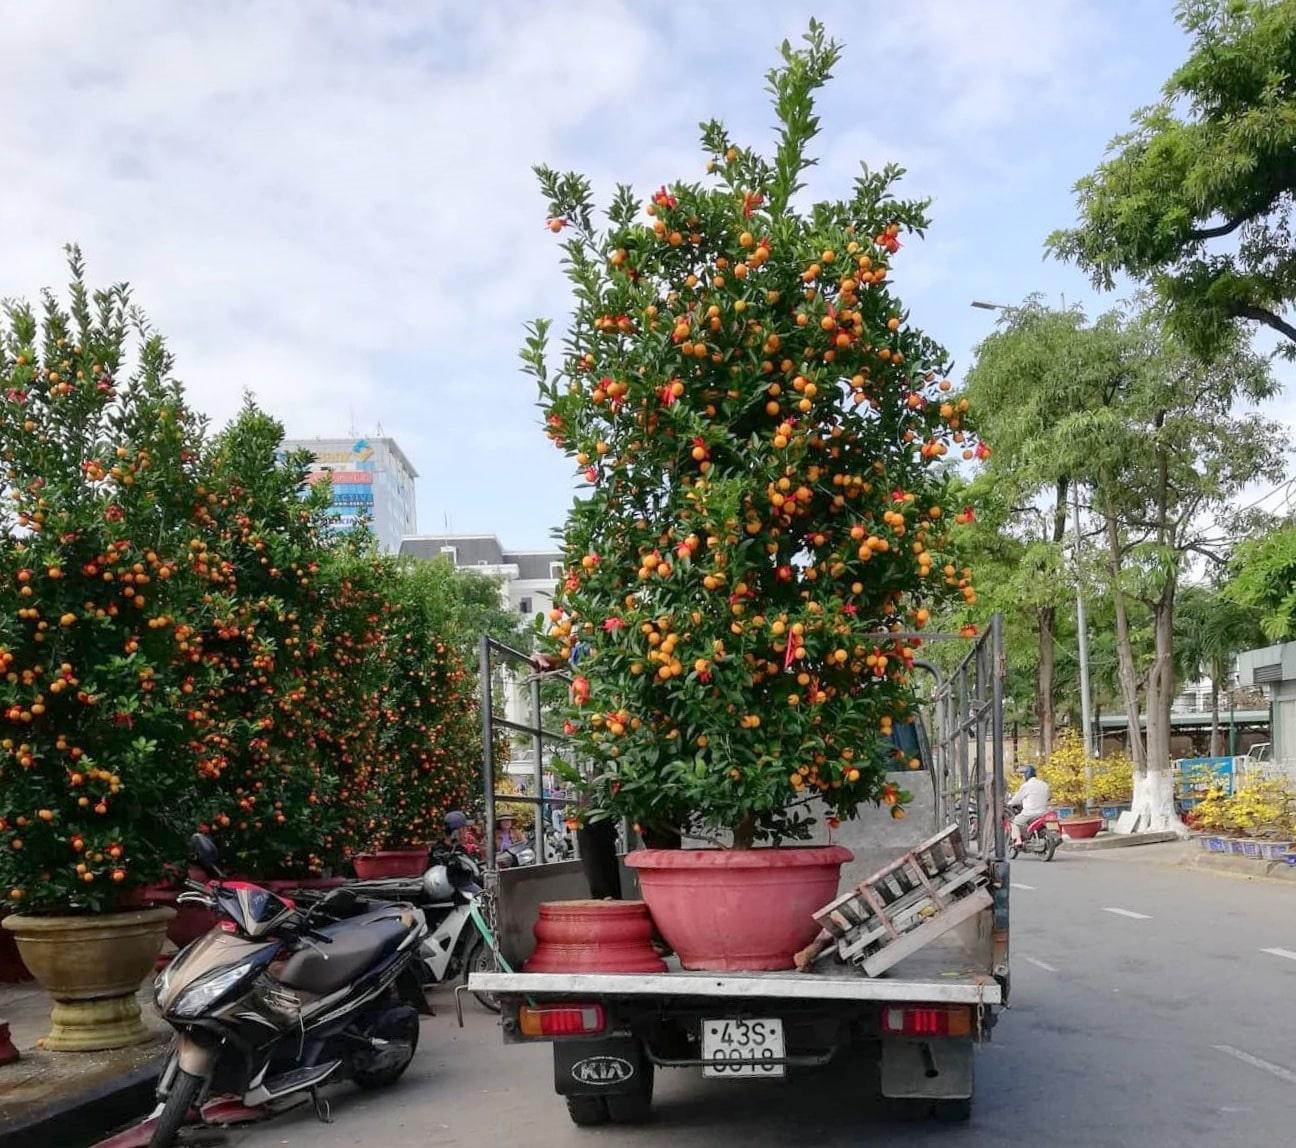 xe tải chở hoa